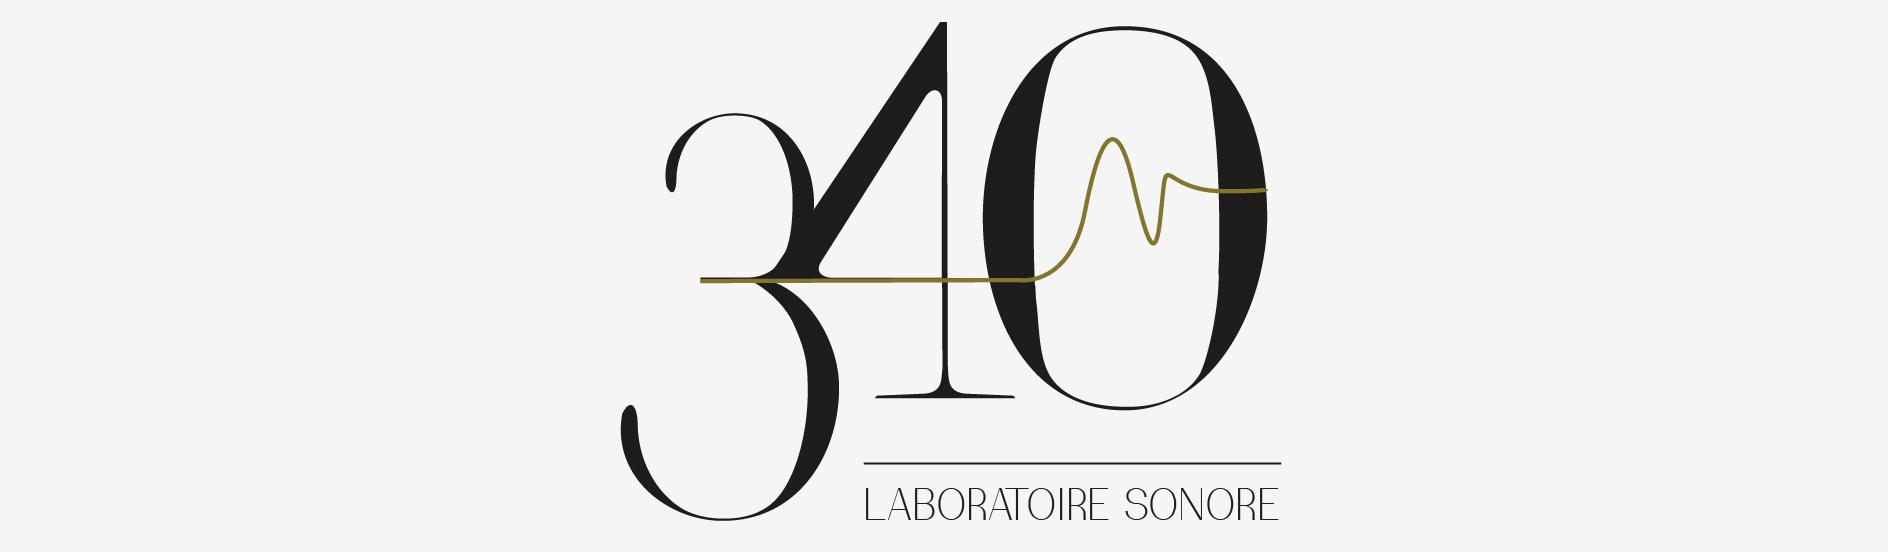 340 - Laboratoire Sonore